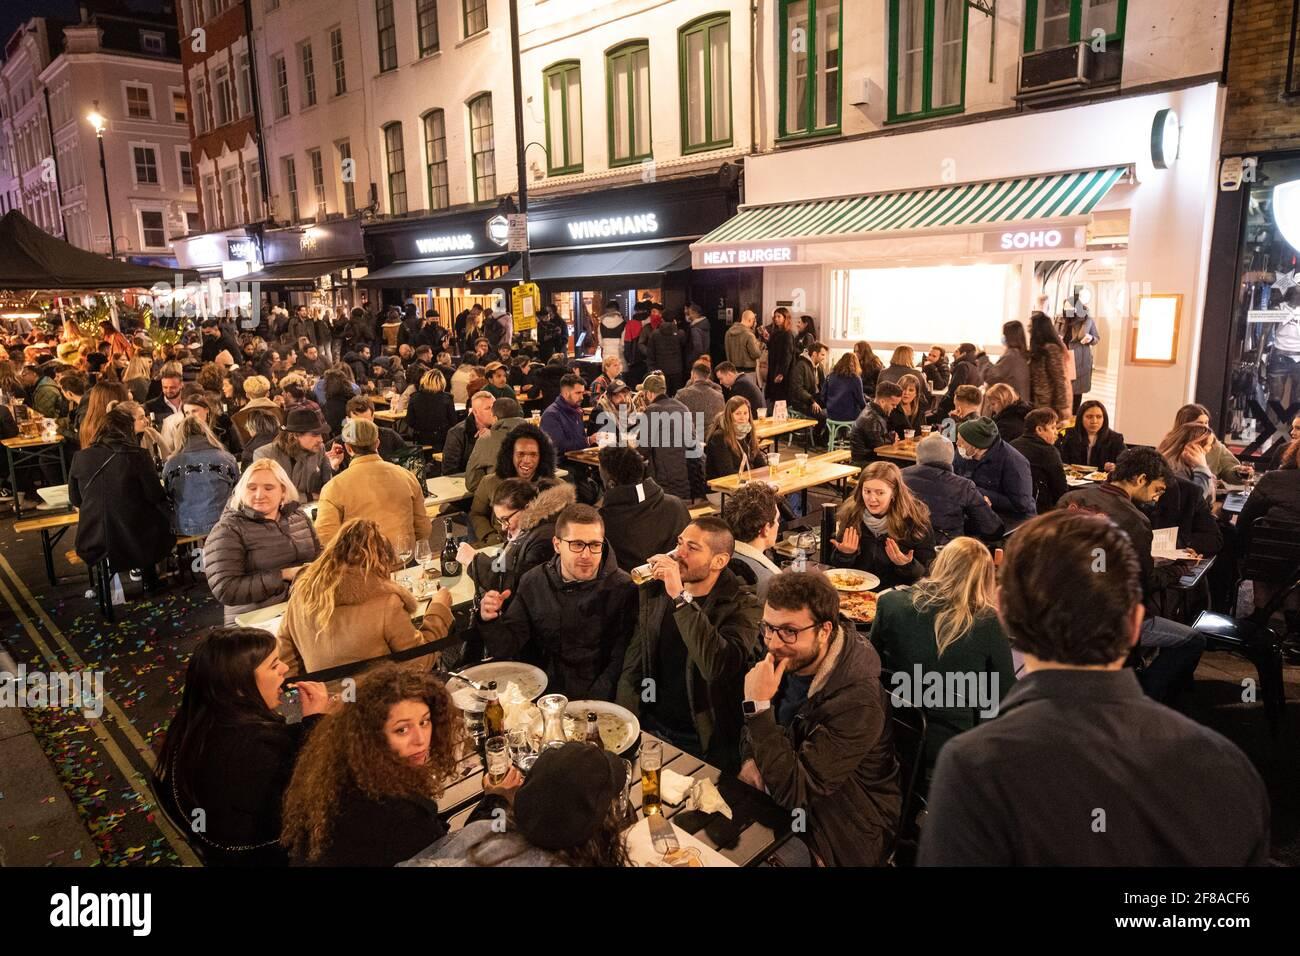 London, Großbritannien. 13. April 2021. Menschen versammeln sich in Soho, London, wo Straßen für den Verkehr gesperrt wurden, als Bars und Restaurants für Essen und Trinken im Freien geöffnet wurden, da die Sperrmaßnahmen in ganz Großbritannien gelockert werden. Bilddatum: Dienstag, 13. April 2021. Bildnachweis sollte lauten: Matt Crossick/Empics/Alamy Live News Stockfoto